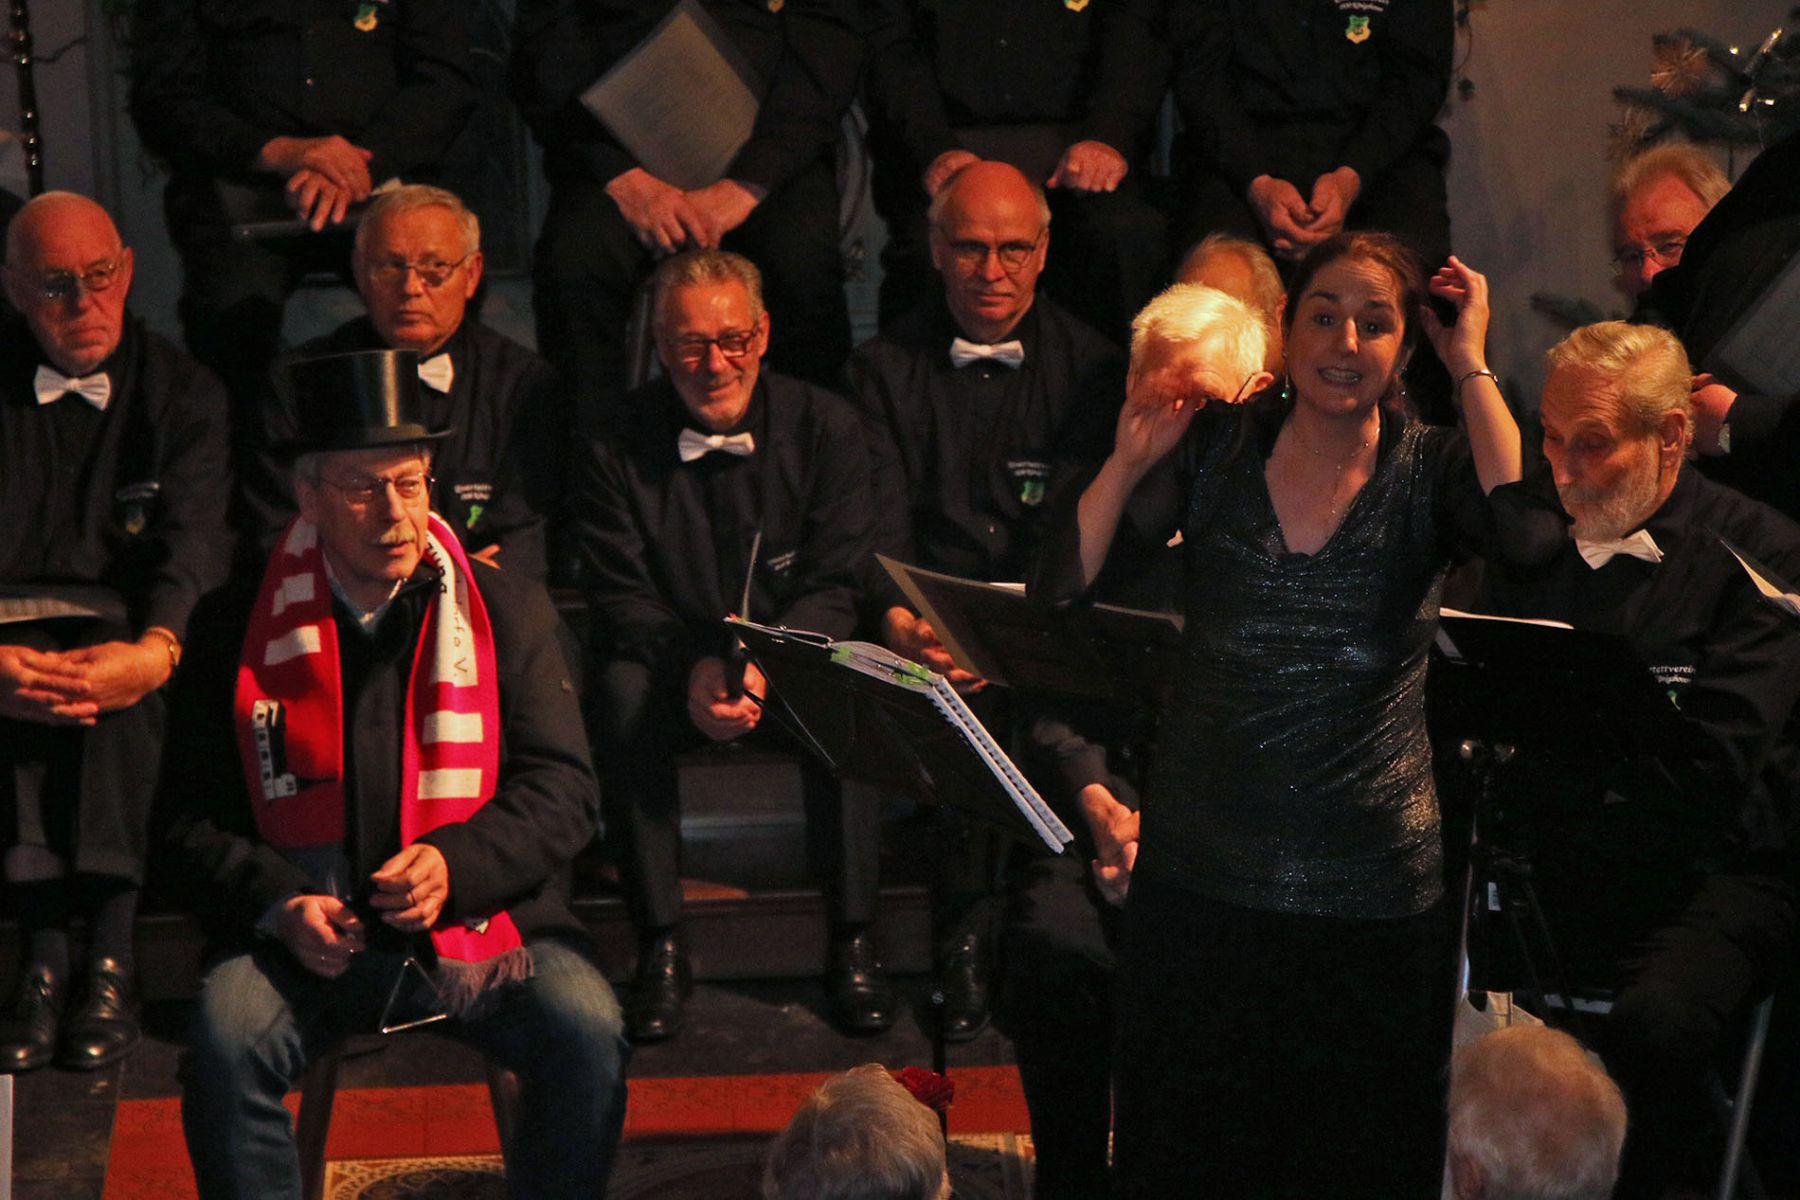 20200112_Neujahrskonzert-Kulturkirche-Elsdorf-Angelsdorf_Foto023